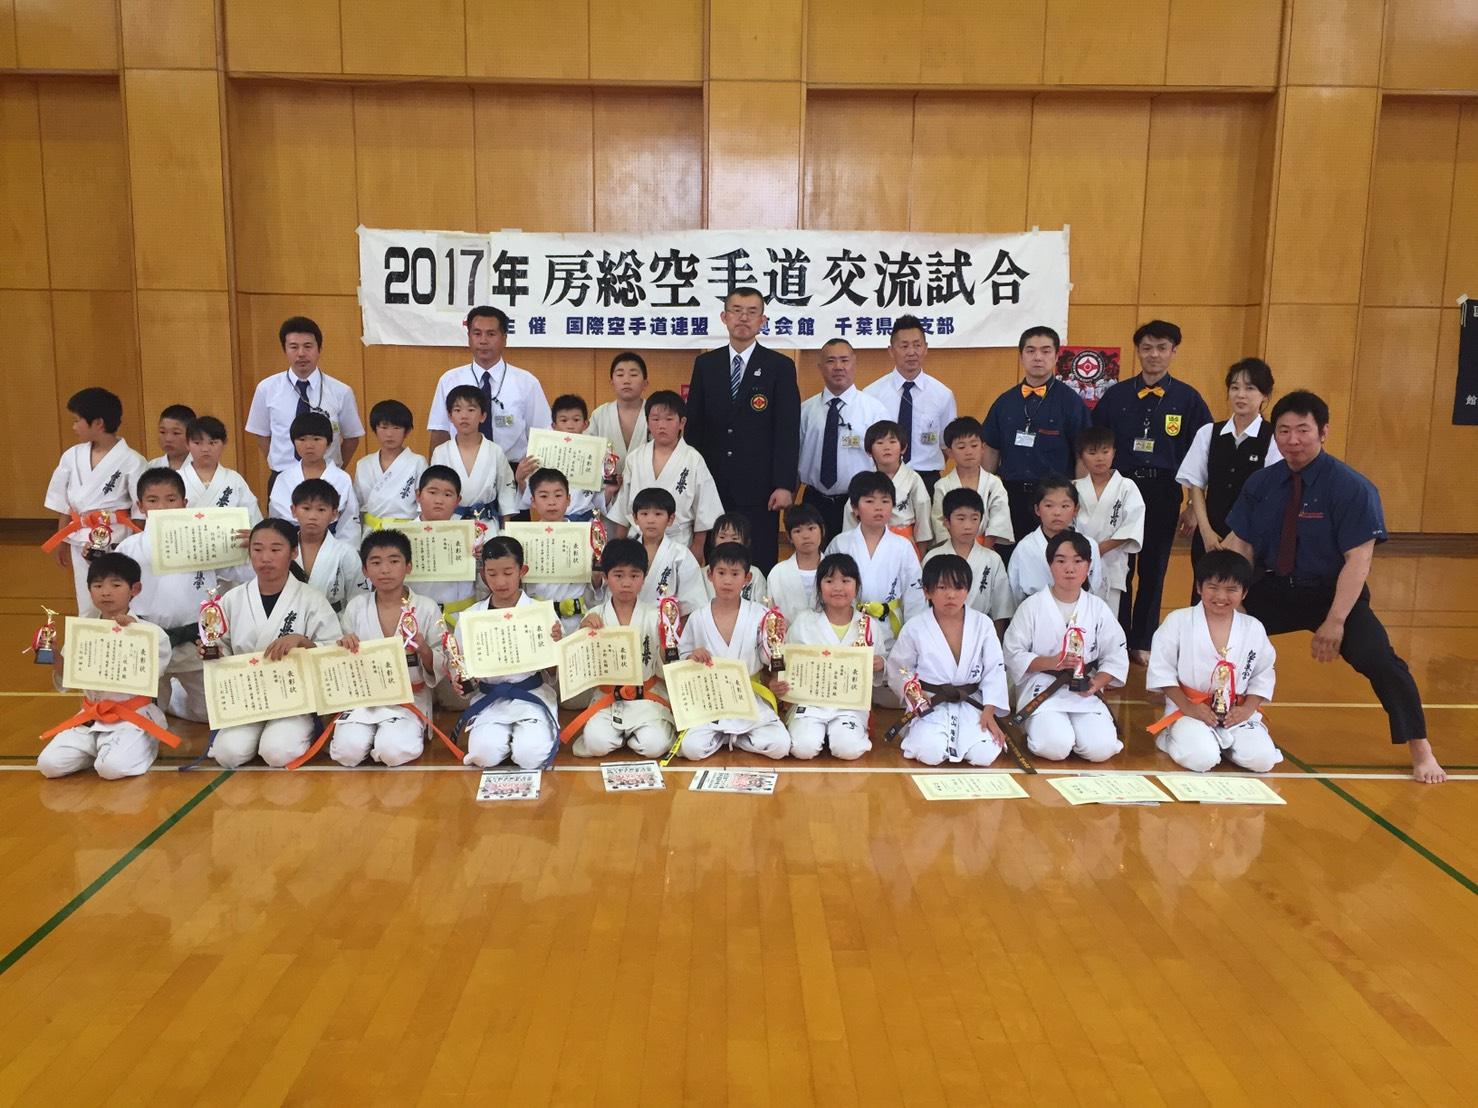 http://www.kyokushin-chibaminami.com/images/1499047895567%20%281%29.jpg